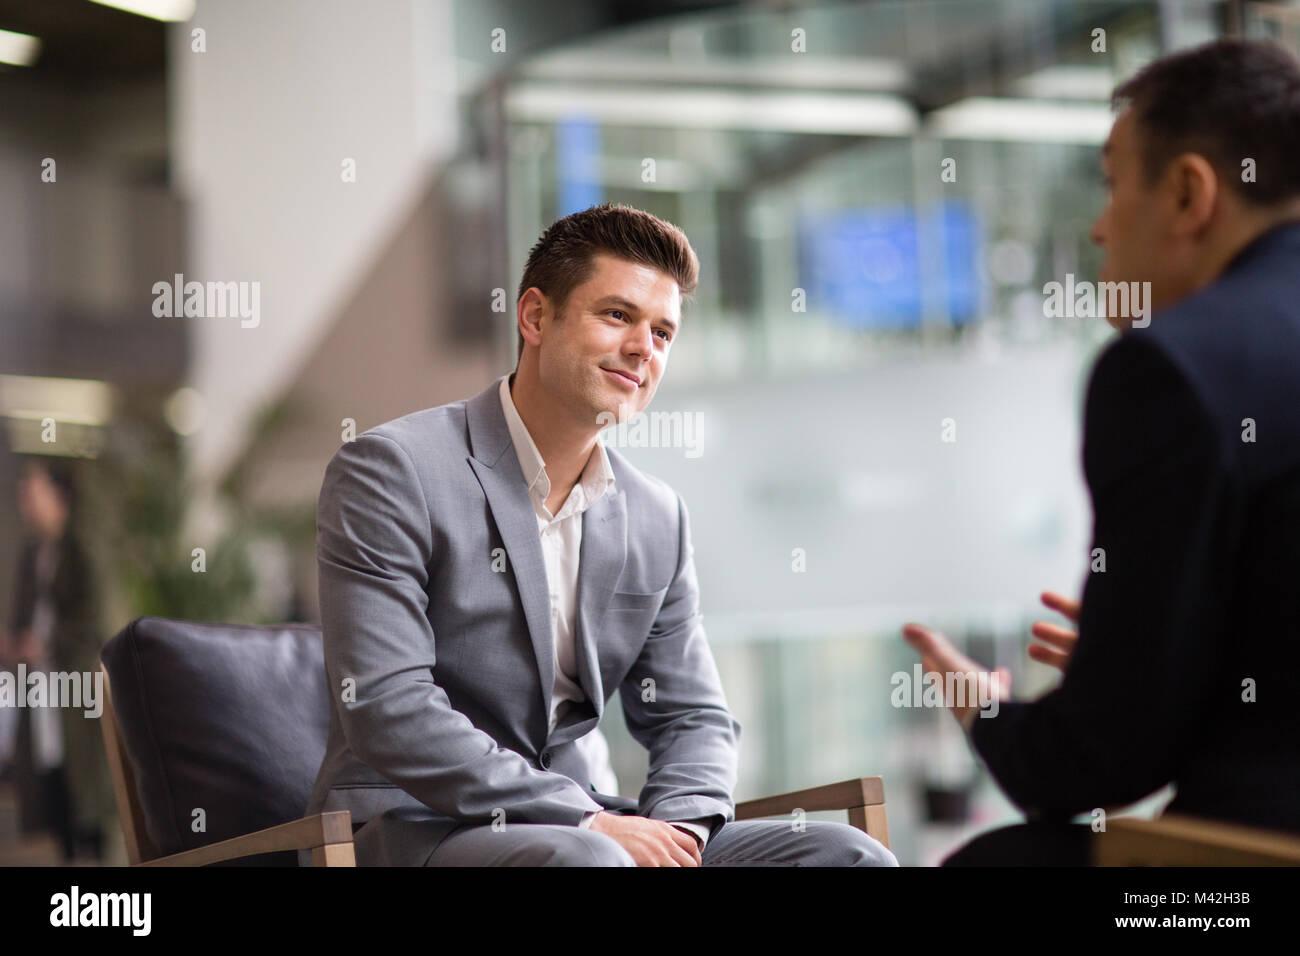 Eine Frage in einem Interview gefragt, Geschäftsmann Stockbild